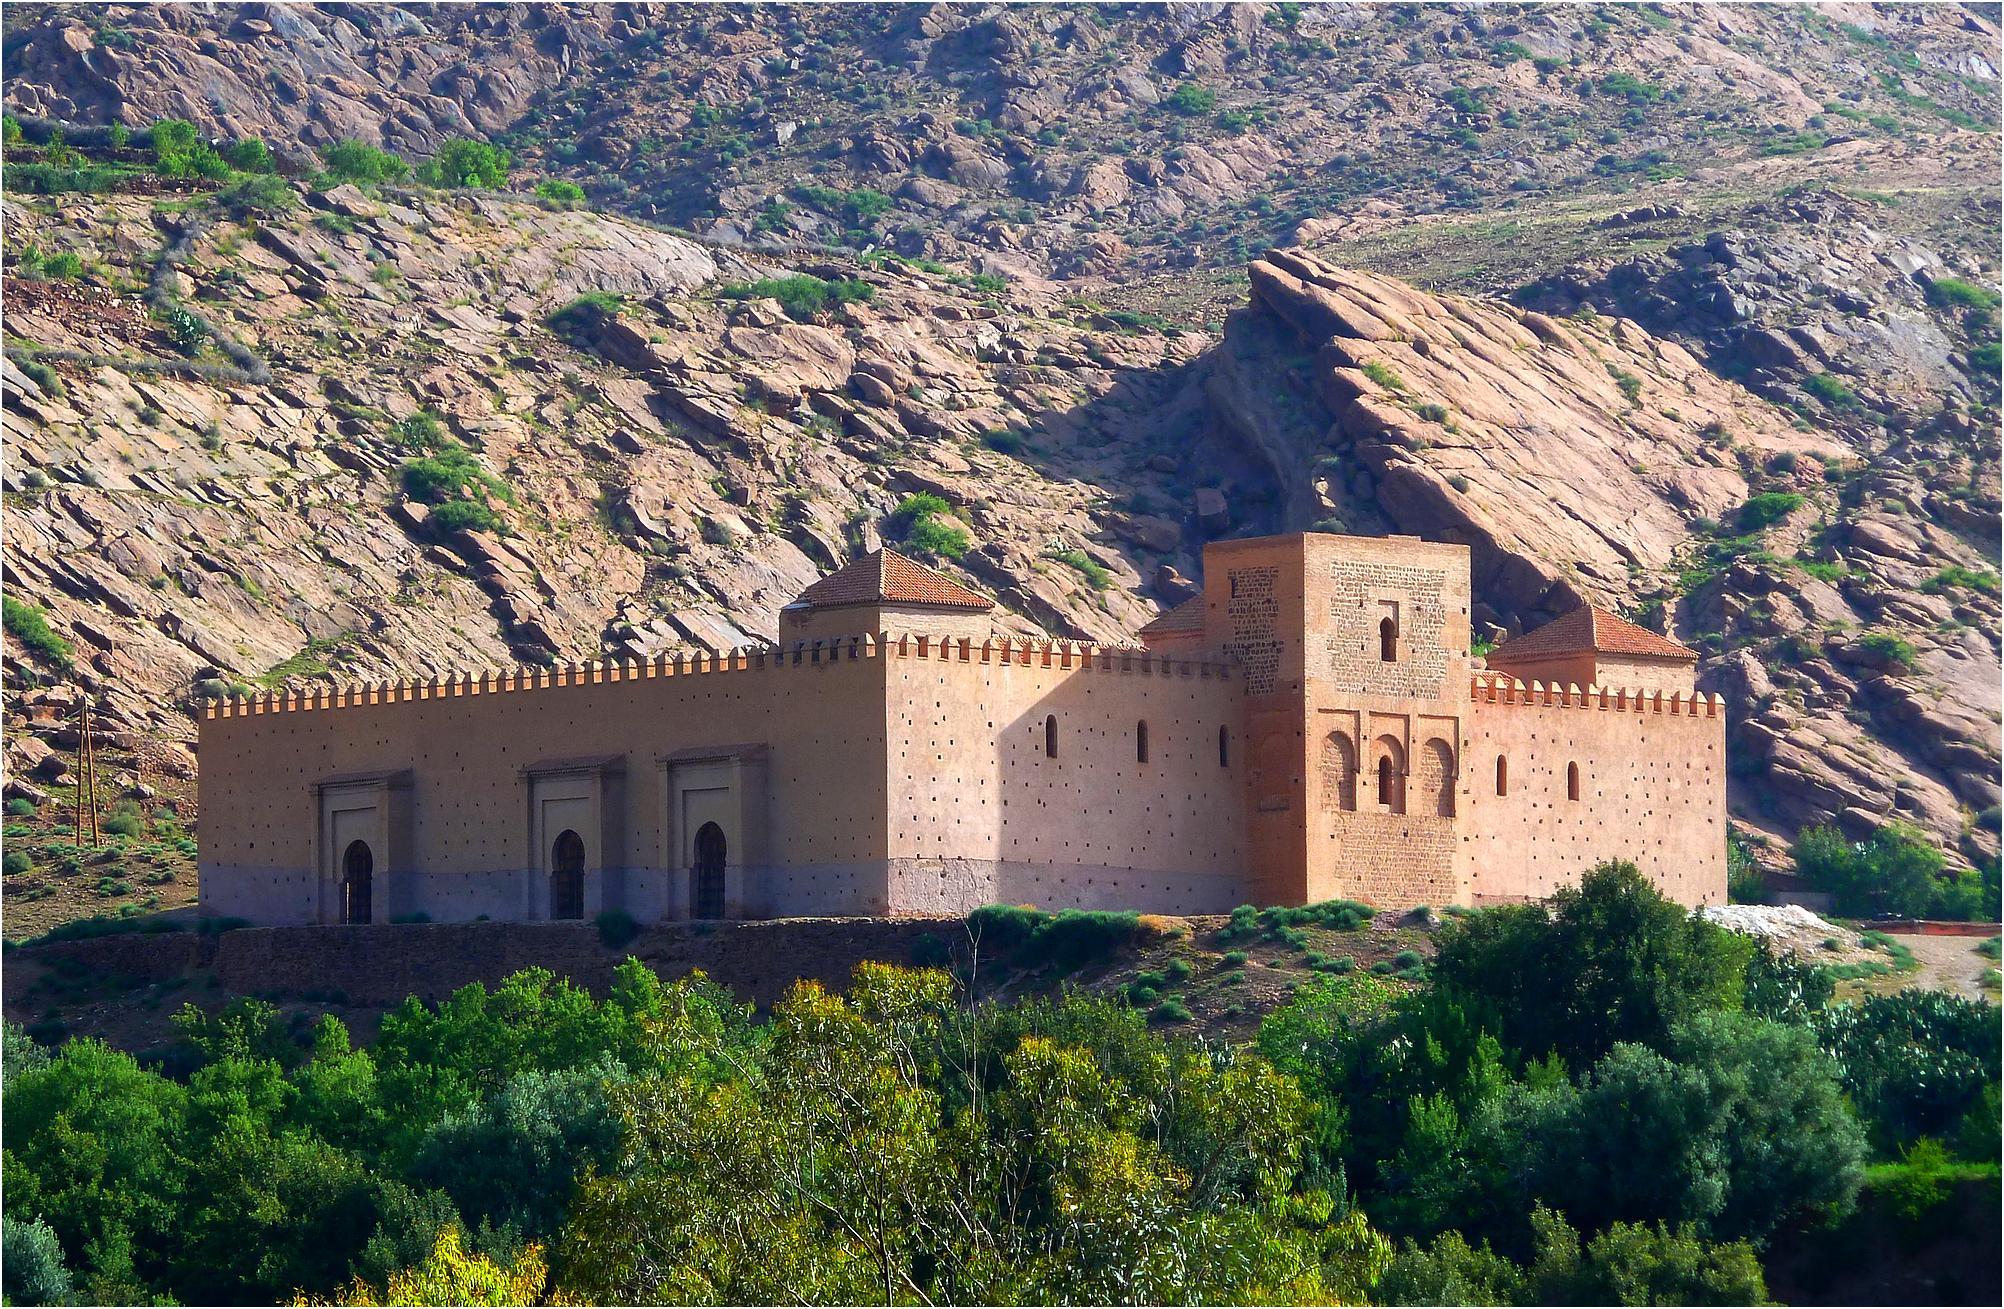 tenmal-mosque